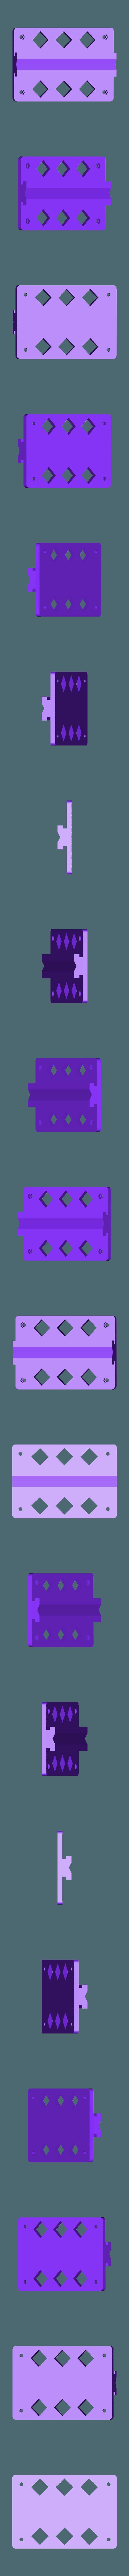 Base_v5.stl Télécharger fichier STL gratuit Porte-bobine à centre ajustable • Design pour imprimante 3D, jonbourg